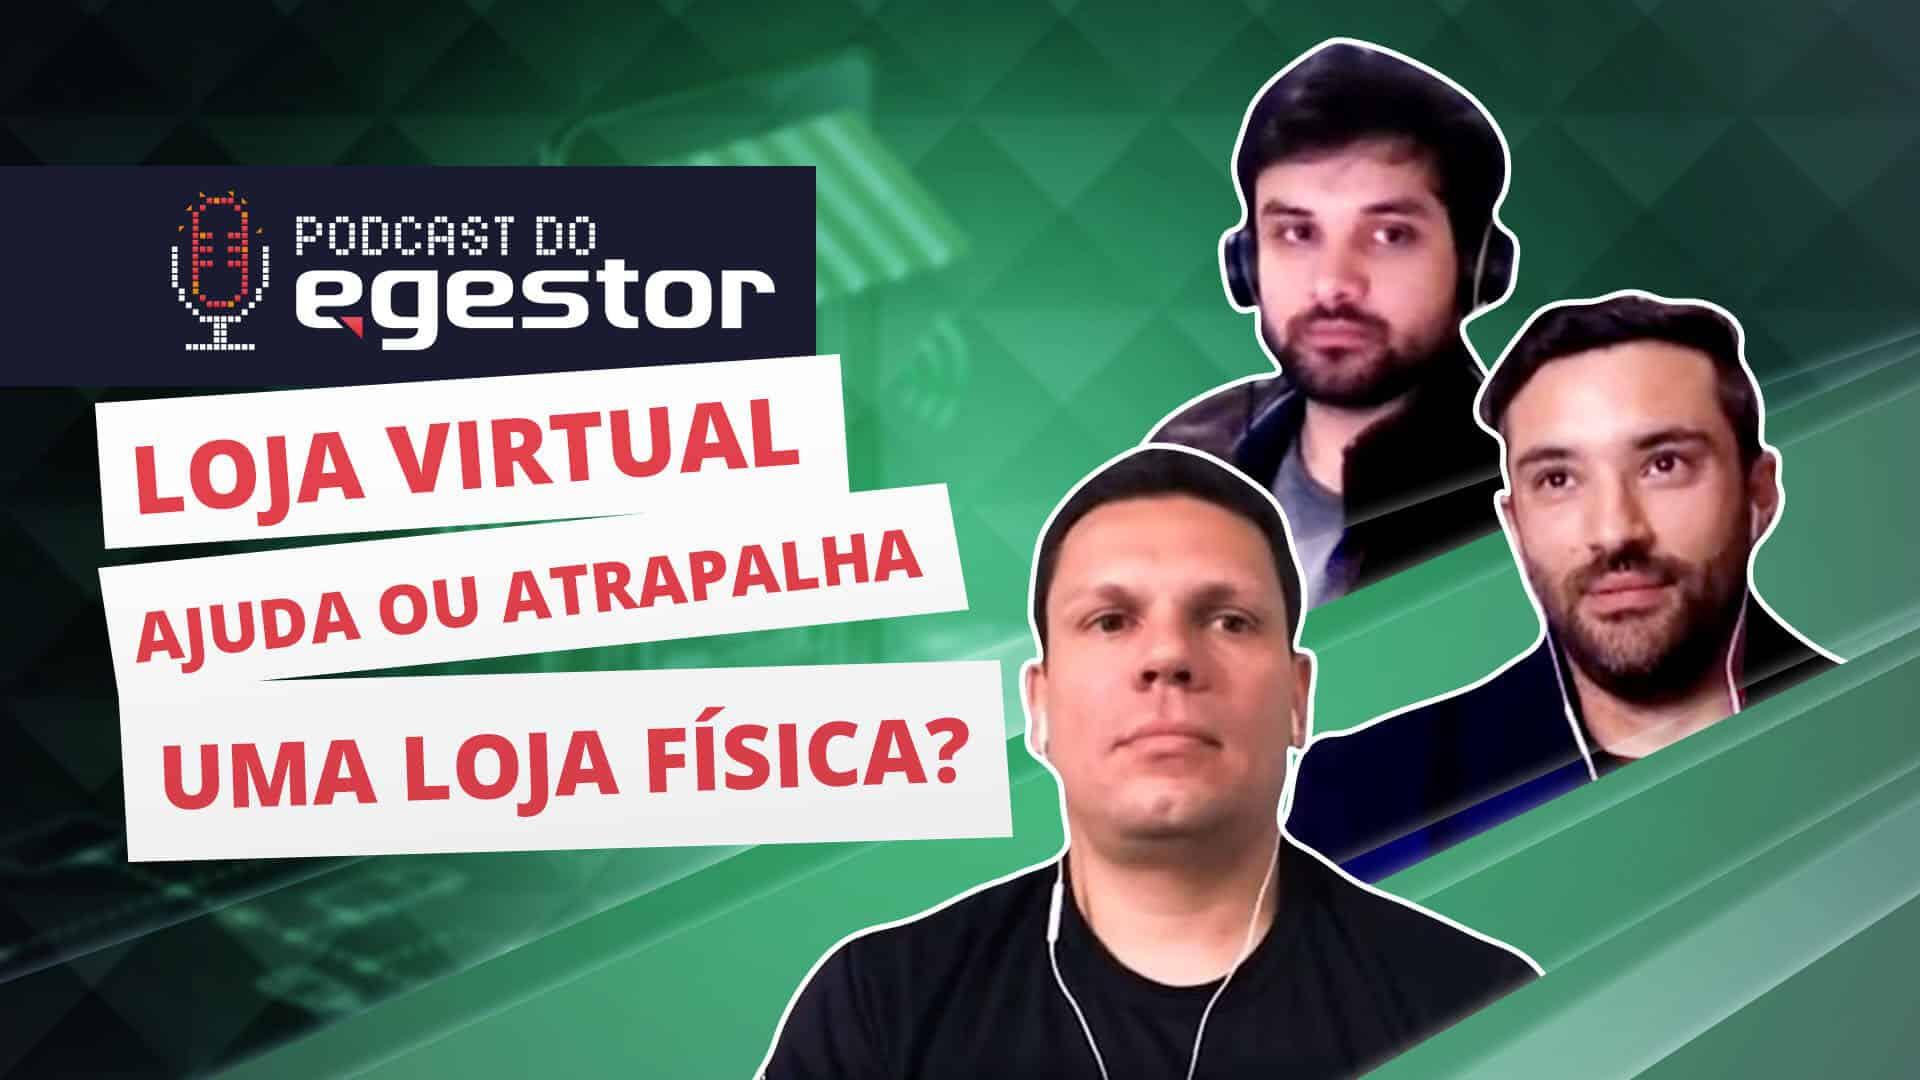 Loja virtual ajuda ou atrapalha uma loja física - PodCast do eGestor